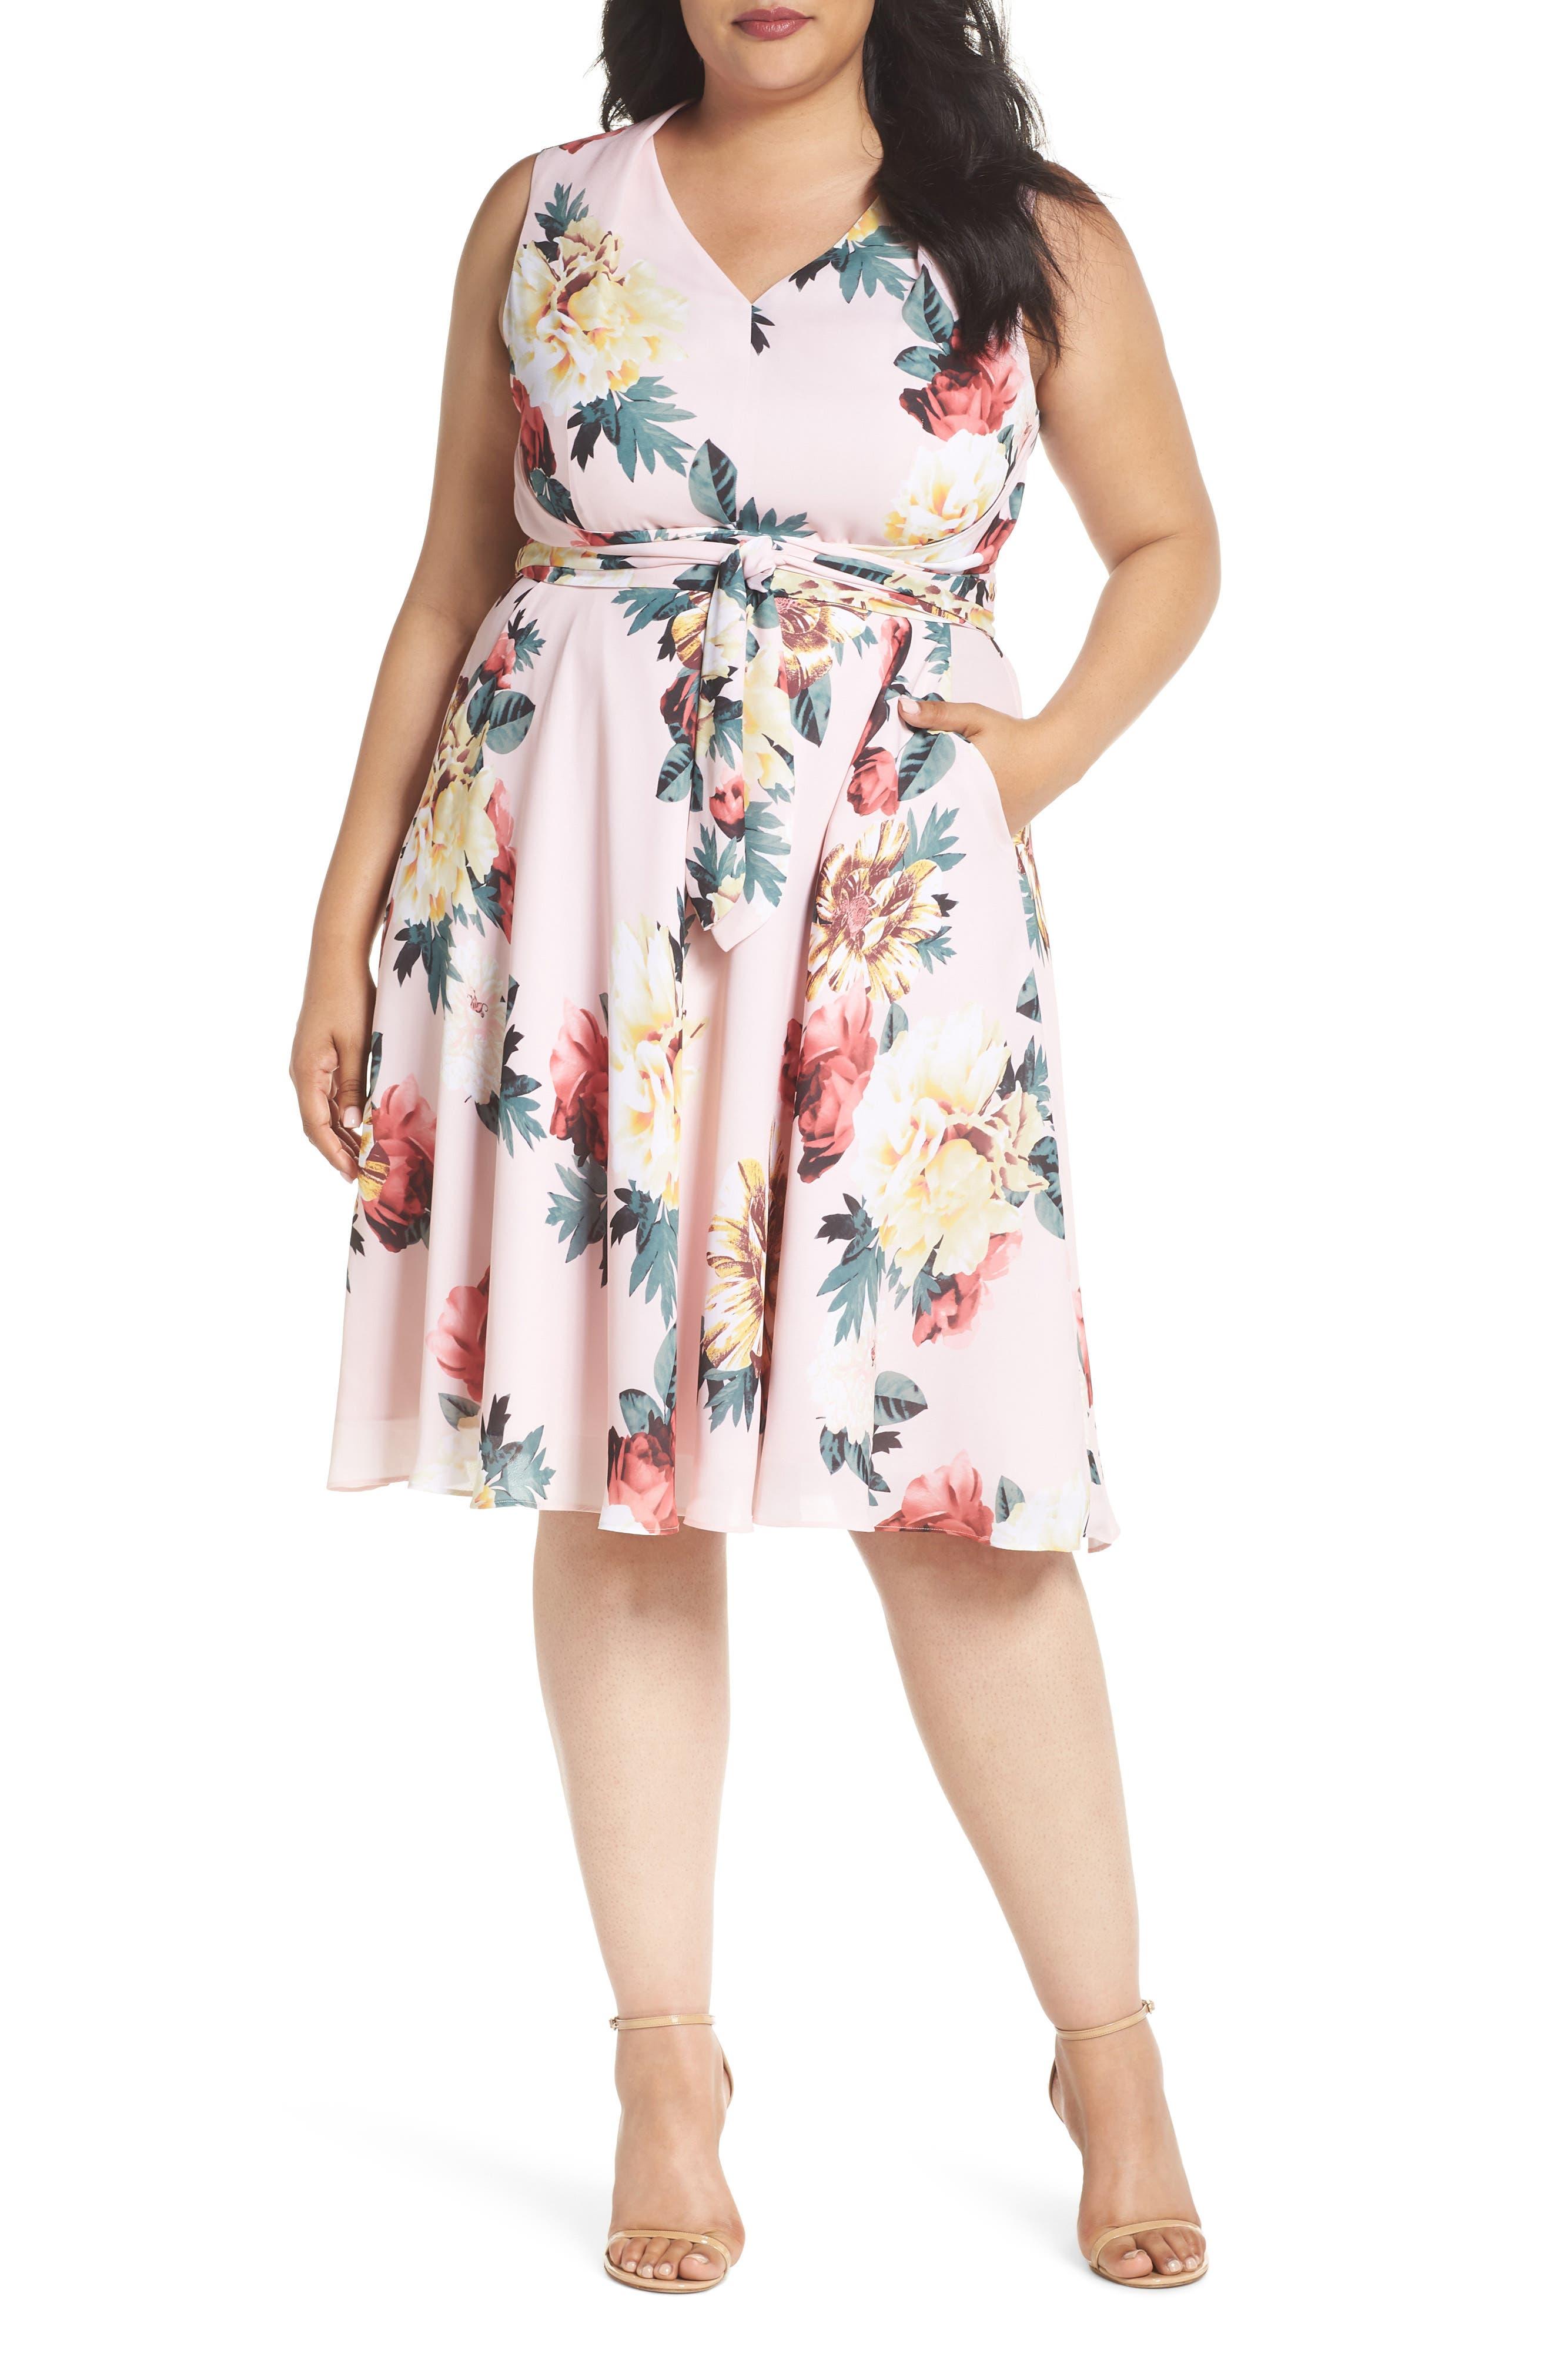 Tahari Floral Print Tie Waist Fit & Flare Dress (Plus Size)